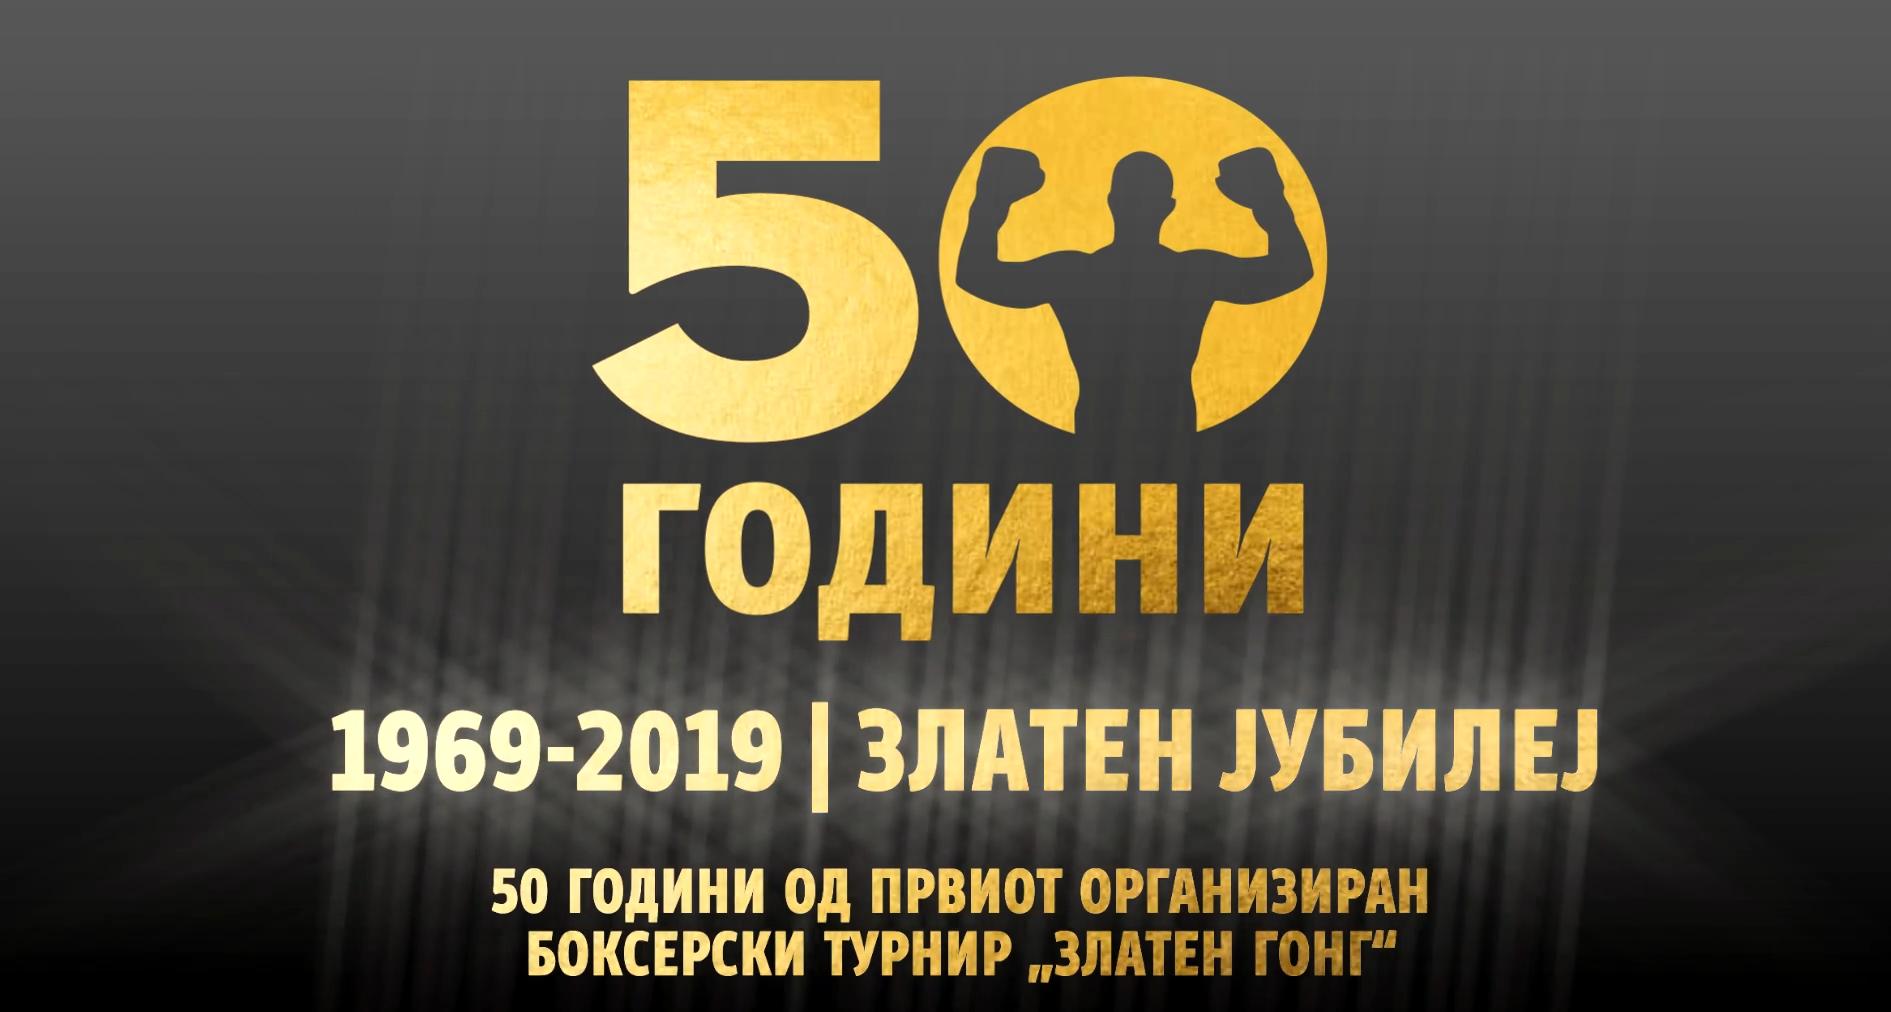 50 ГОД ОД ЗЛАТЕН ГОНГ